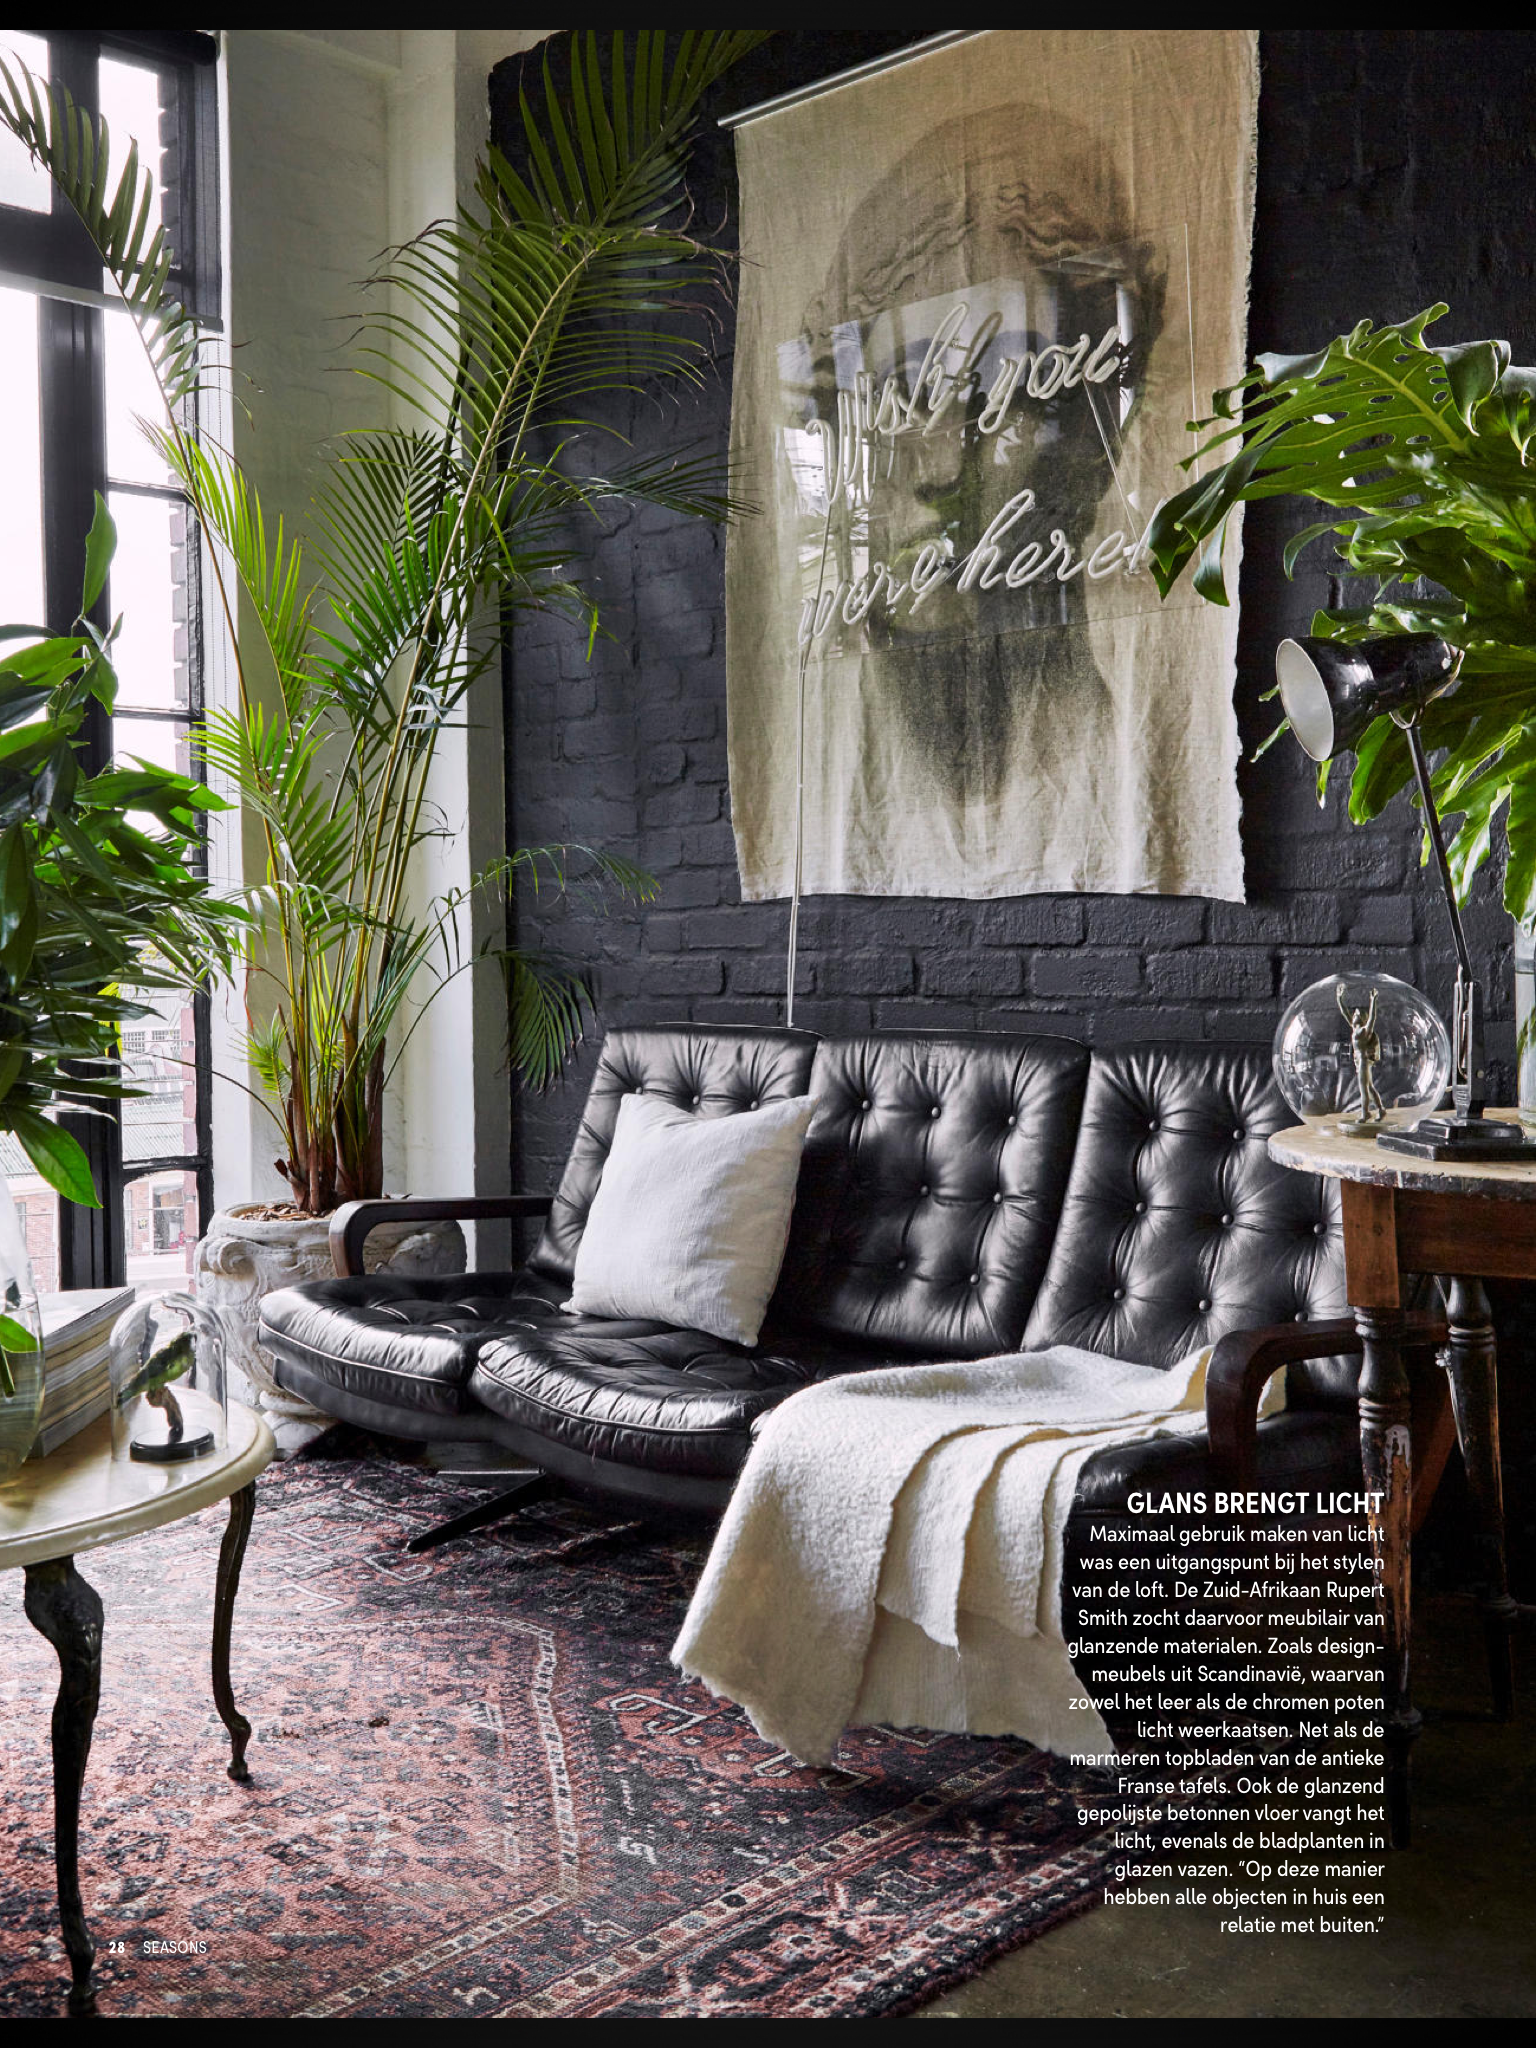 Pinterest Kjerstynjordheim Elle Decor Dark Interiors Black Leather Sofas